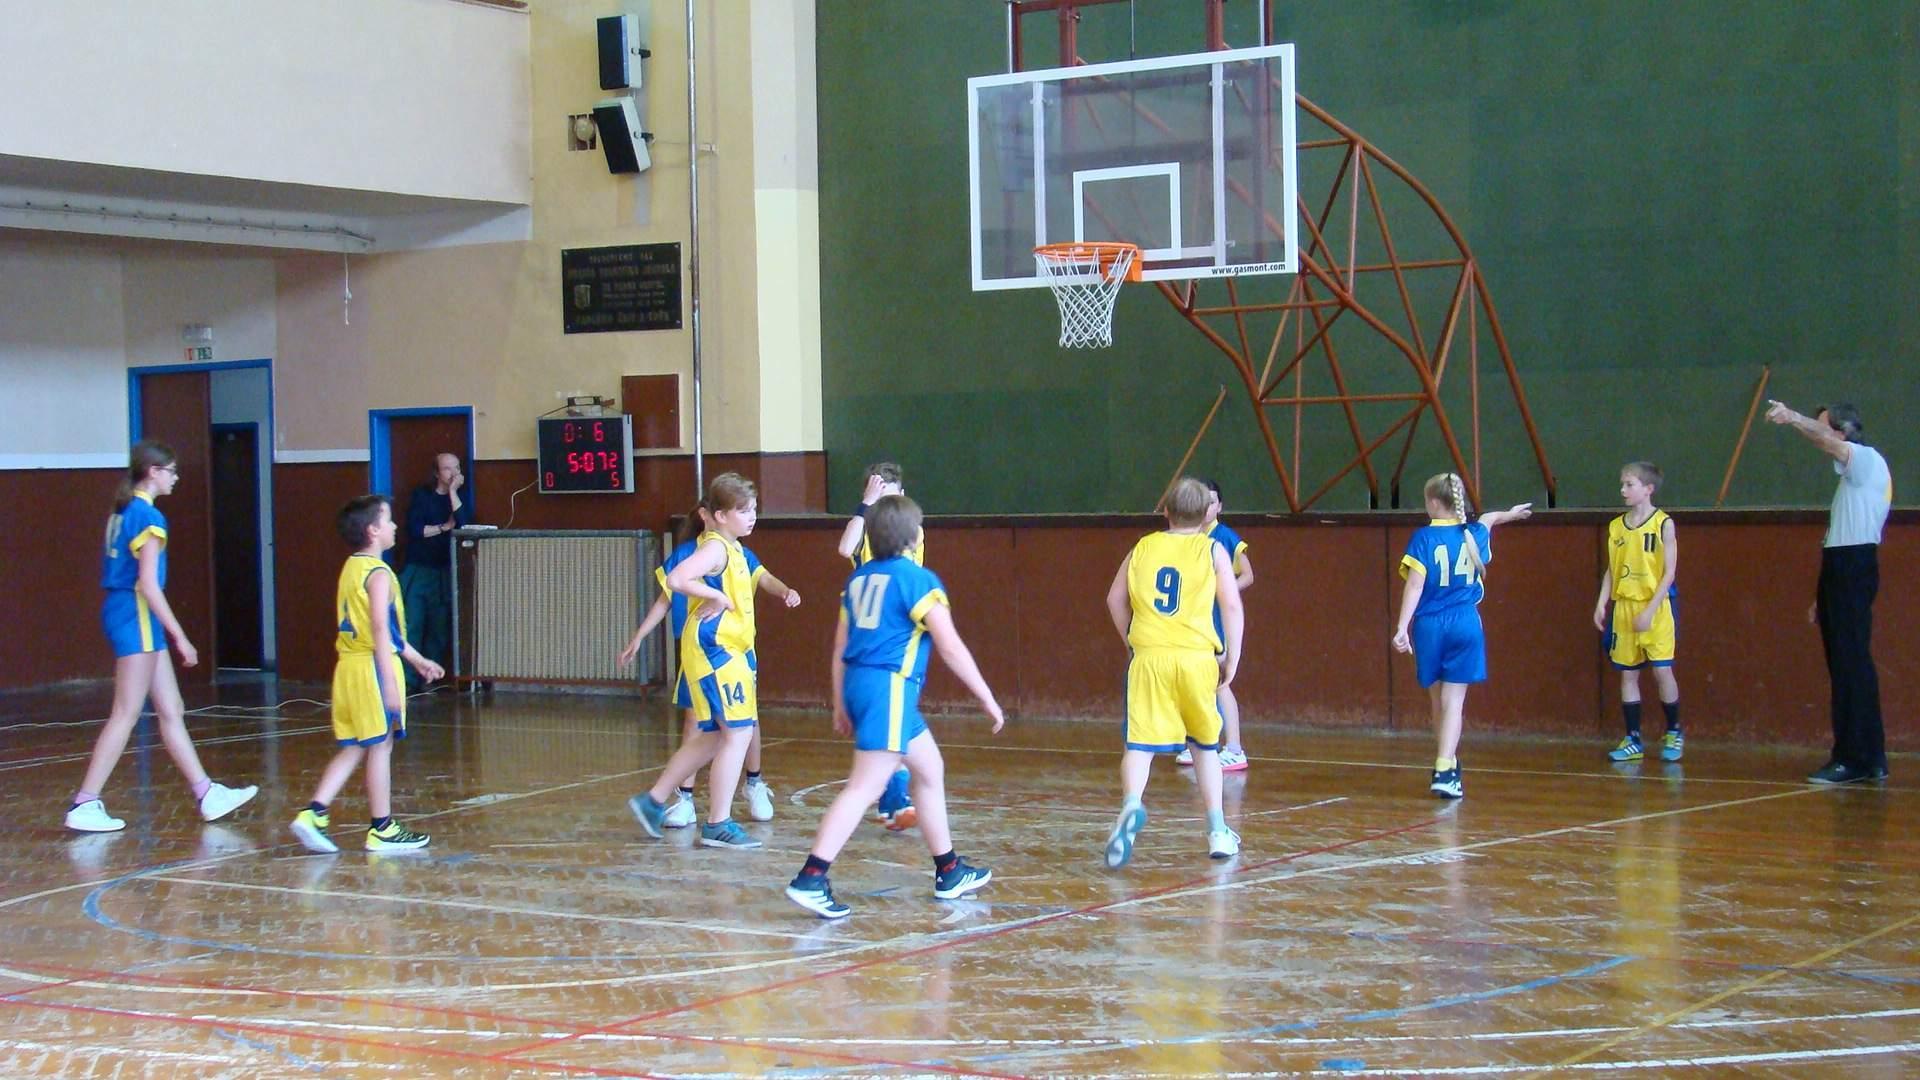 Minibasketbalový turnaj v přerovské Sokolovně a úžasný úspěch domácích